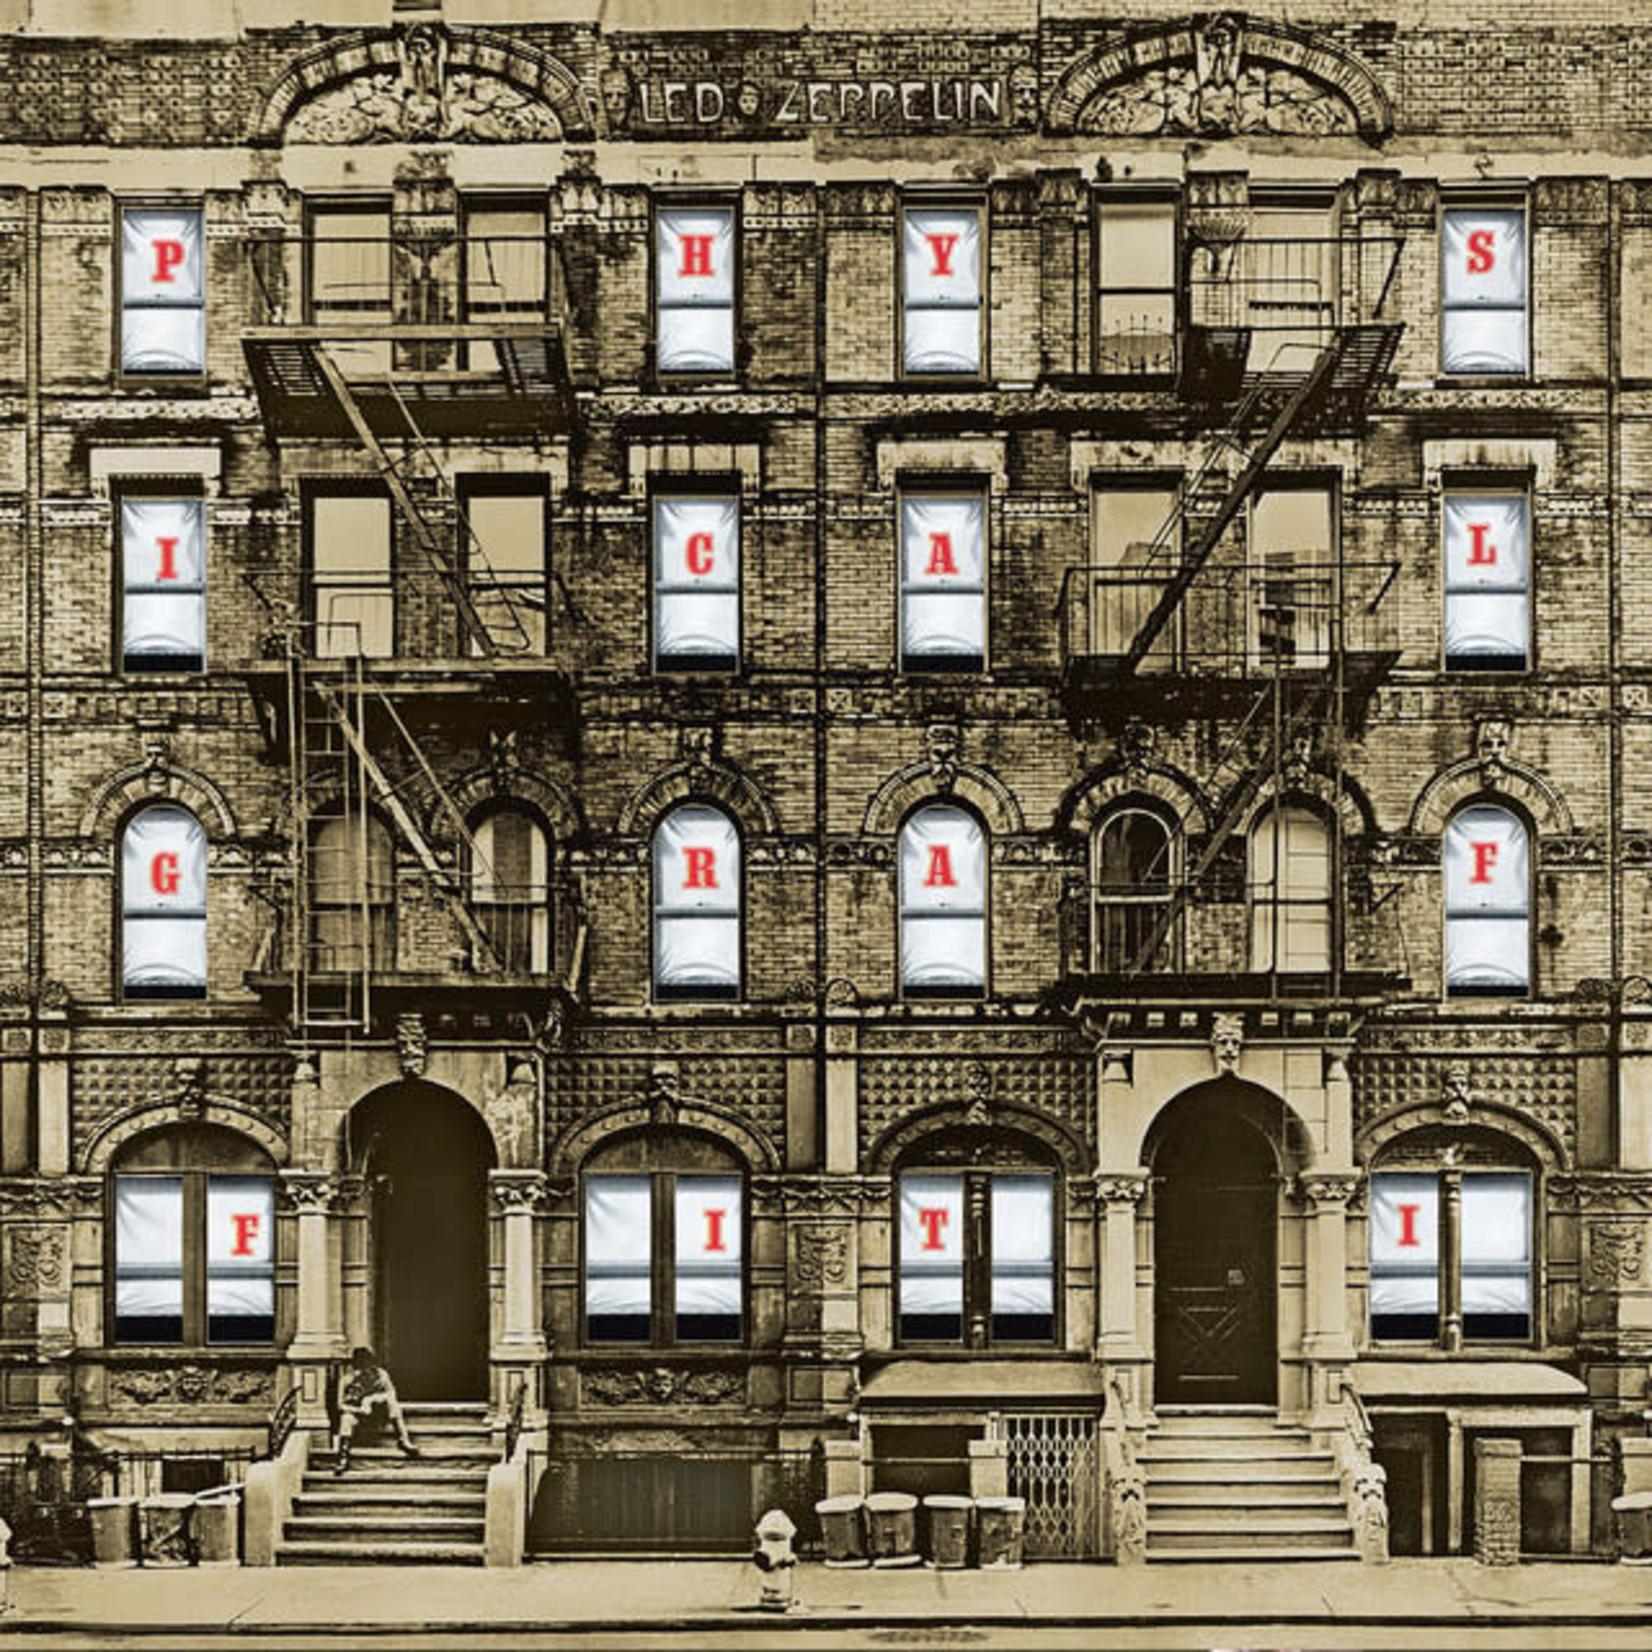 Vinyl Led Zeppelin - Physical Graffiti